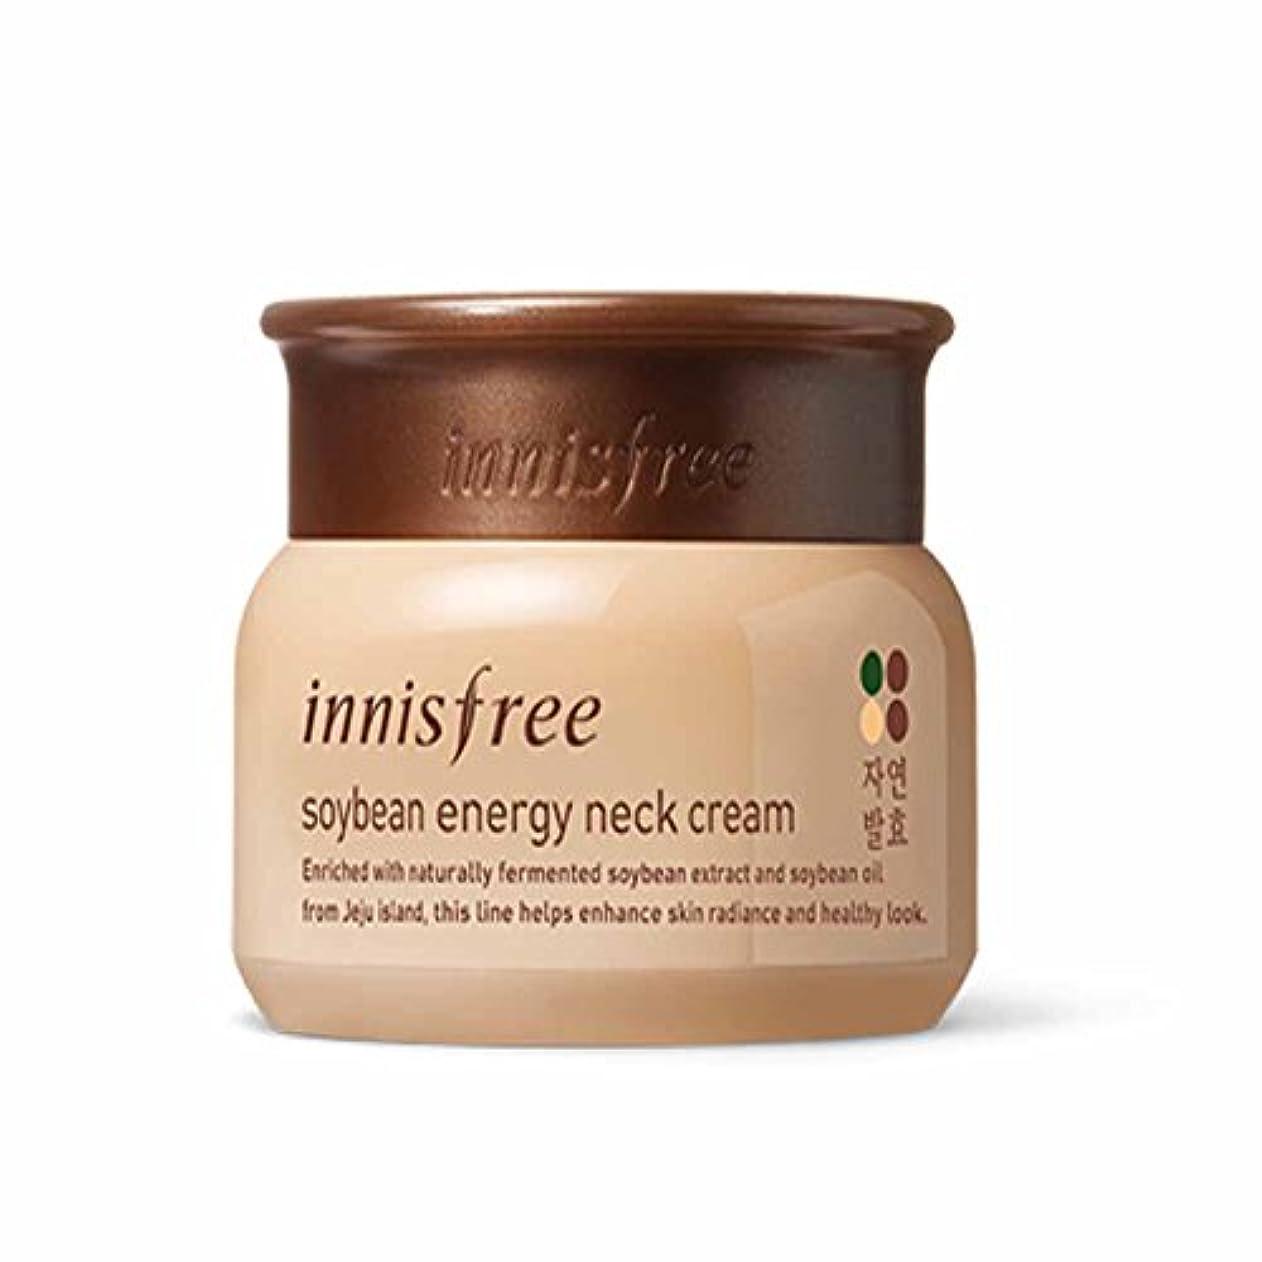 余韻シンボル罹患率イニスフリーソーイングエナジーネッククリーム80ml / Innisfree Soybean Energy Neck Cream 80ml[海外直送品] [並行輸入品]